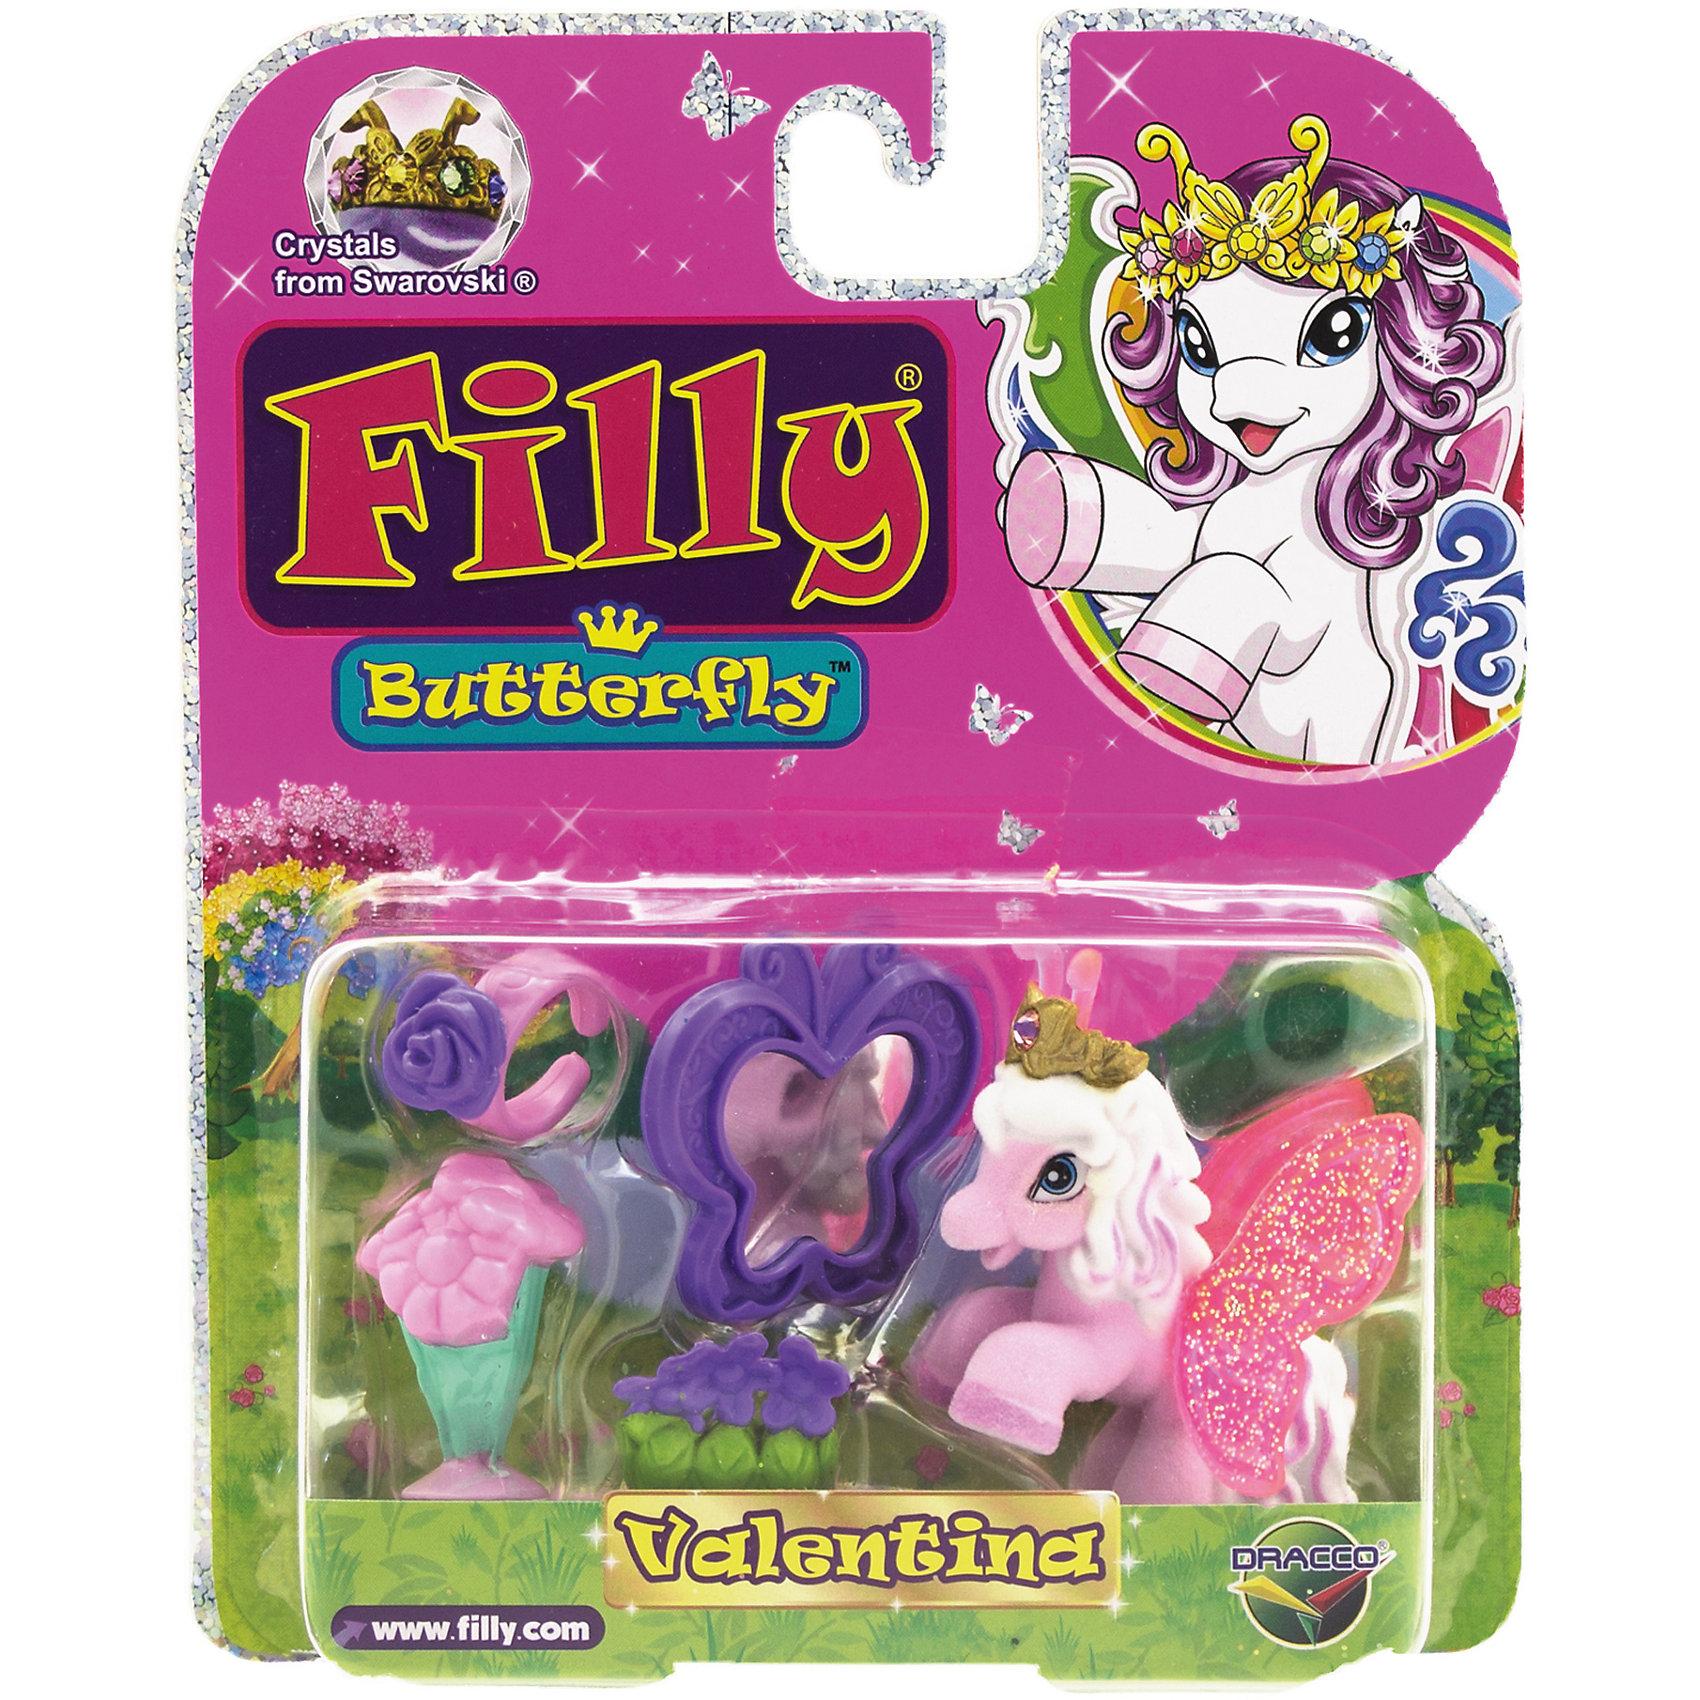 ������� � ������������ Valentina, Filly, Dracco (-)